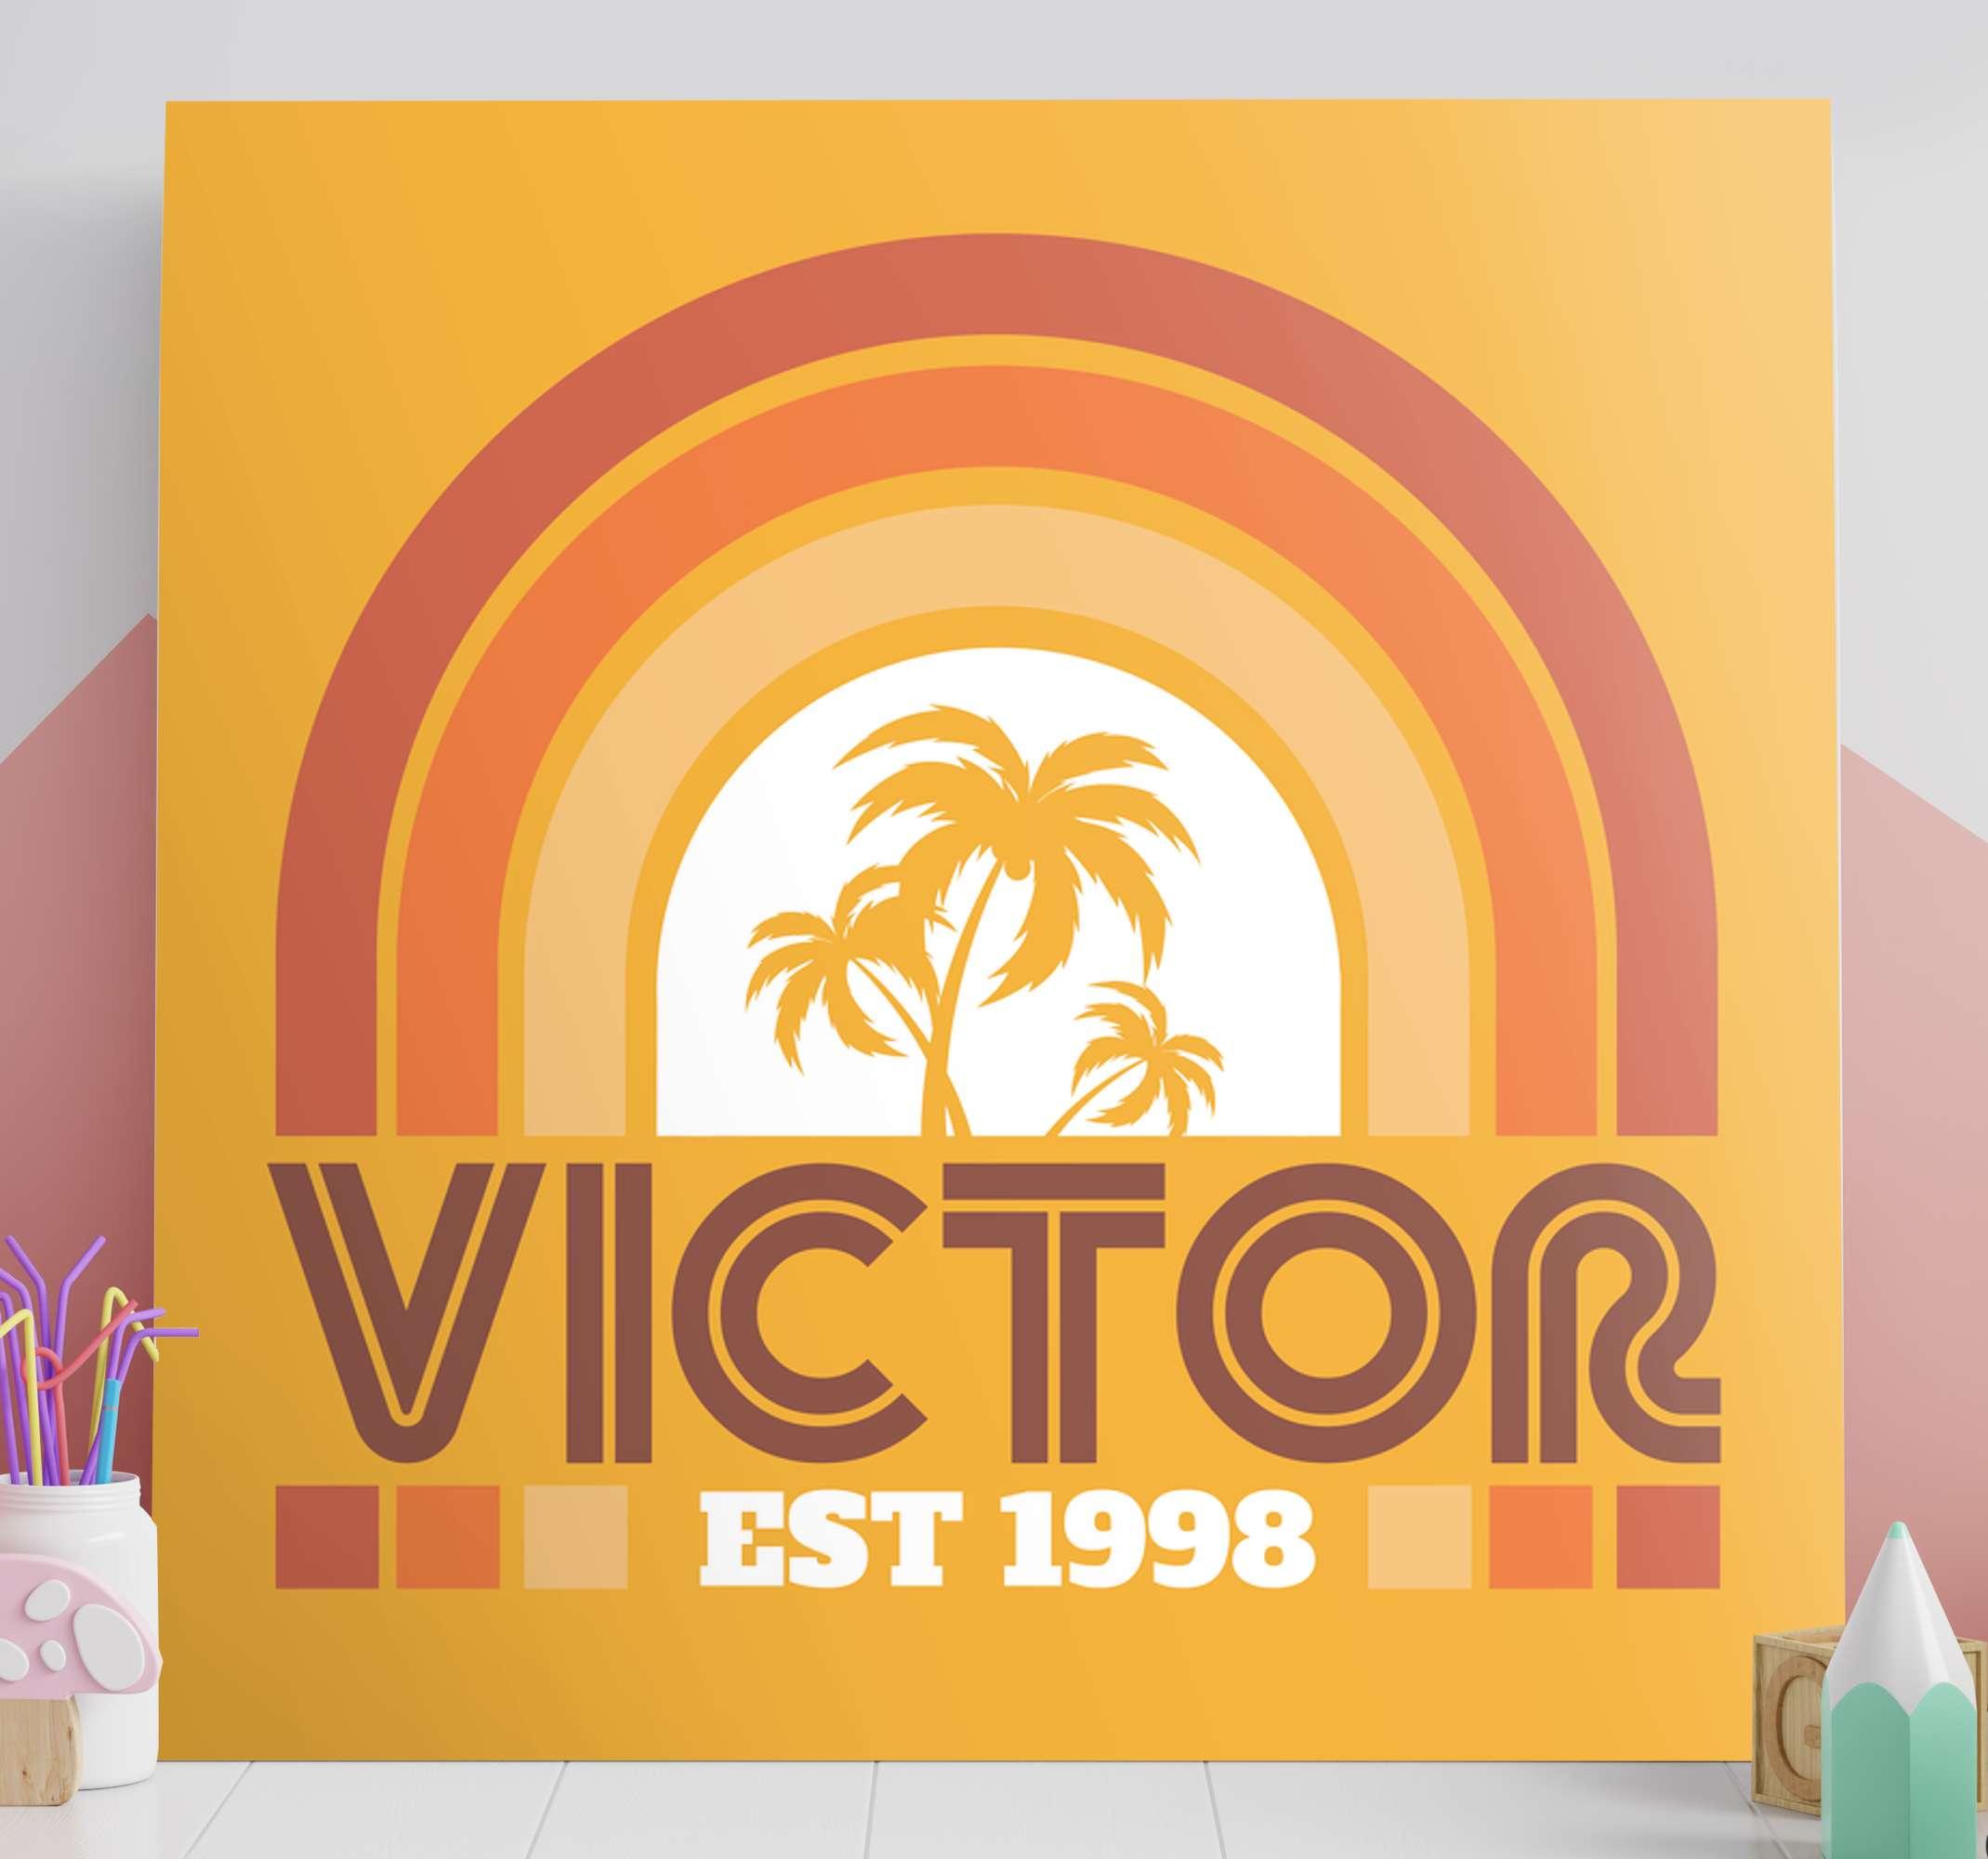 Tenstickers. Retro solnedgång och palmer 70-talet duk väggkonst. Retro solnedgång och palmer 70-talets dukavtryck. Duken kan anpassas med din egen text och det är härligt att dekorera valfritt utrymme.